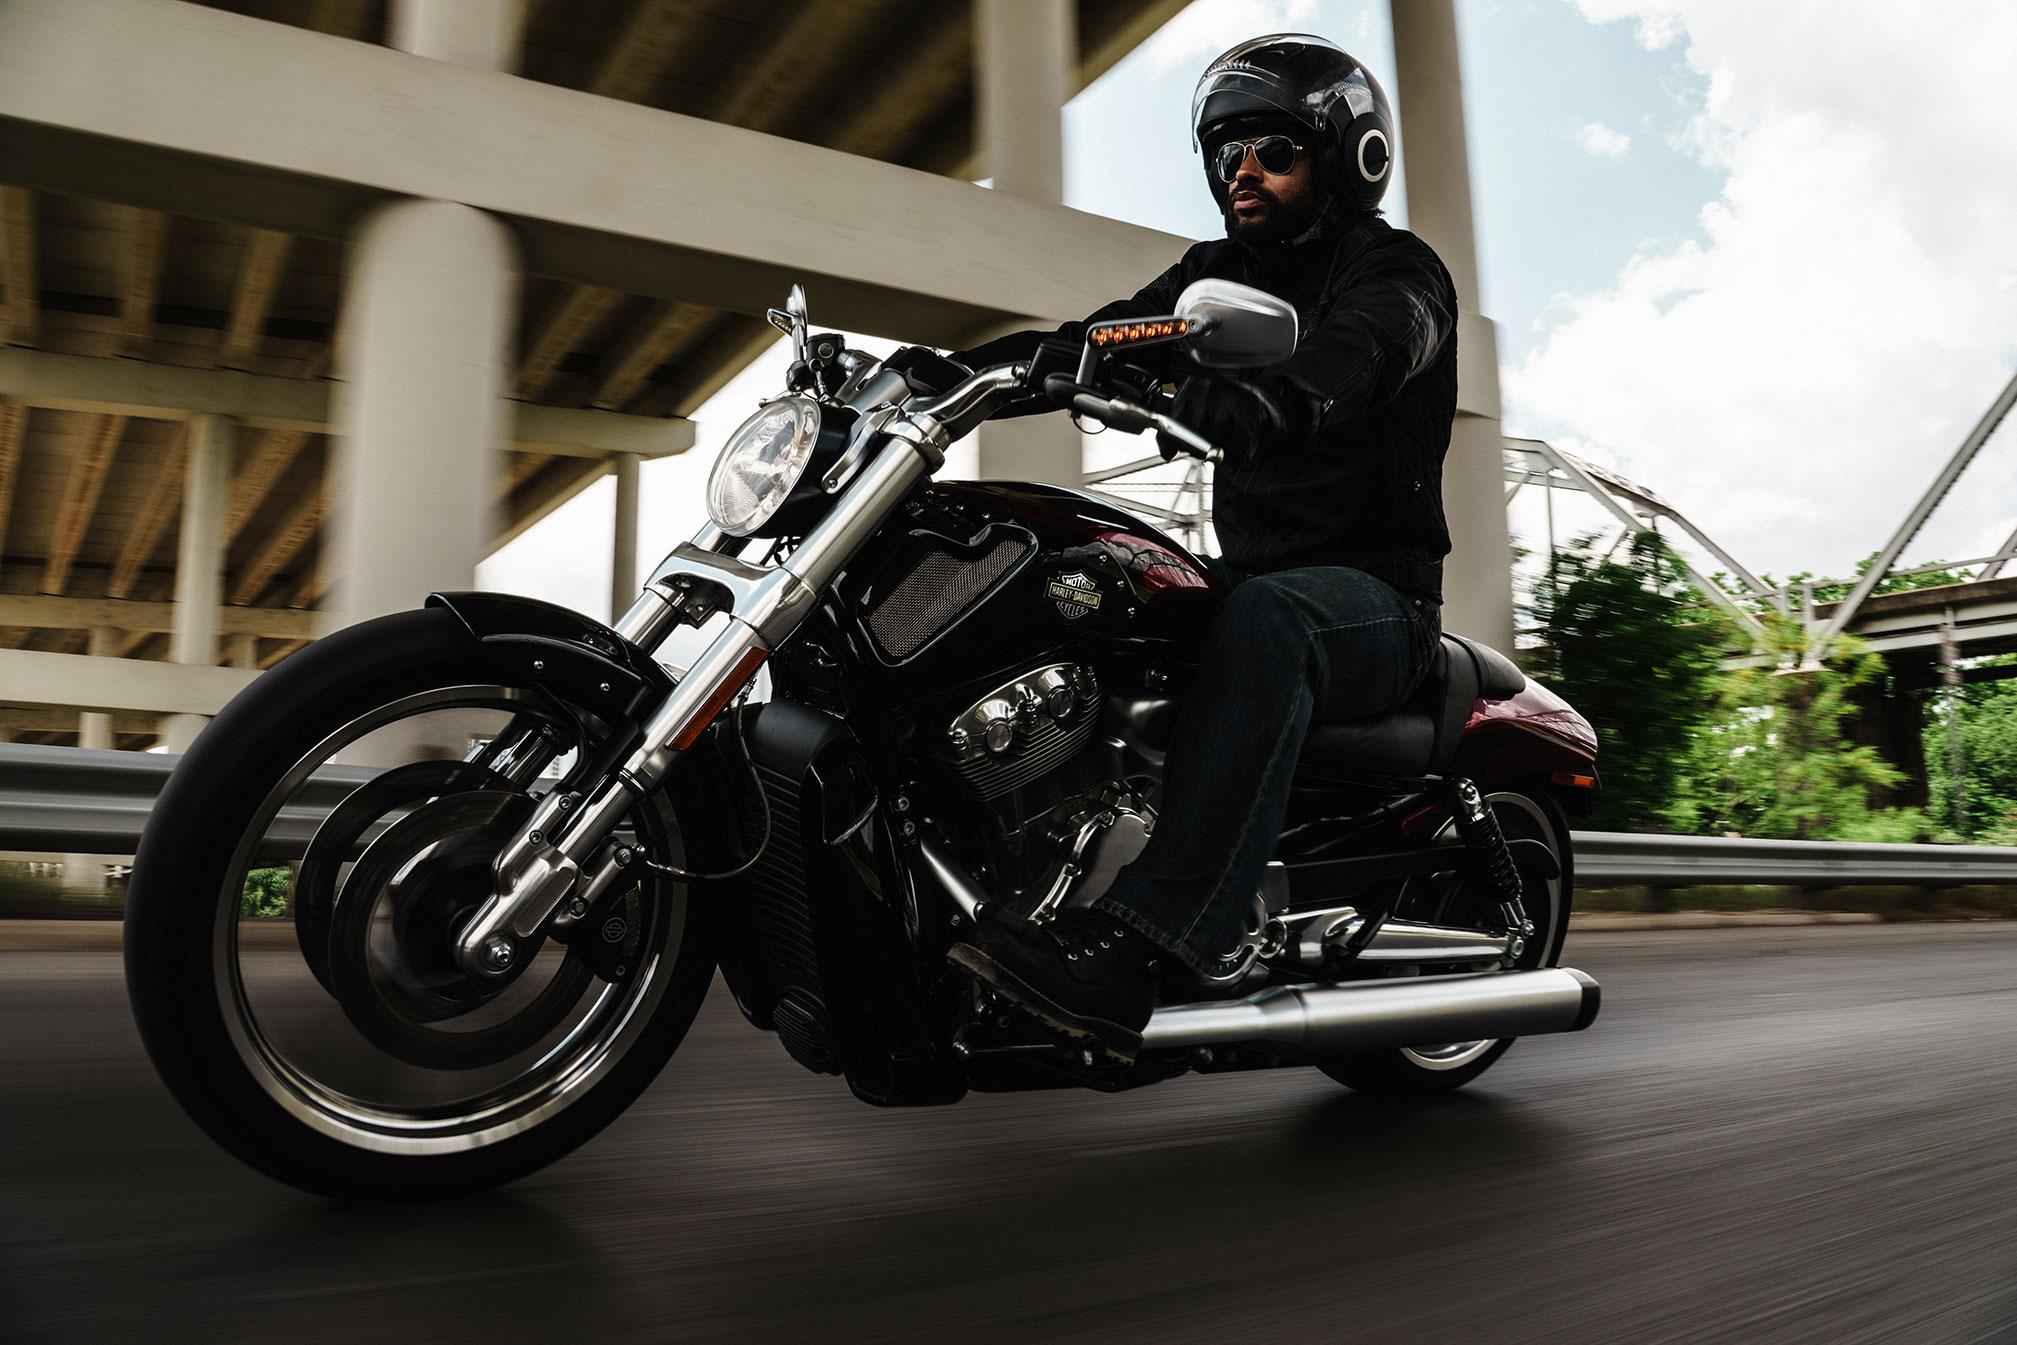 2017 Harley Davidson V Rod Muscle Hd Wallpaper Background Image